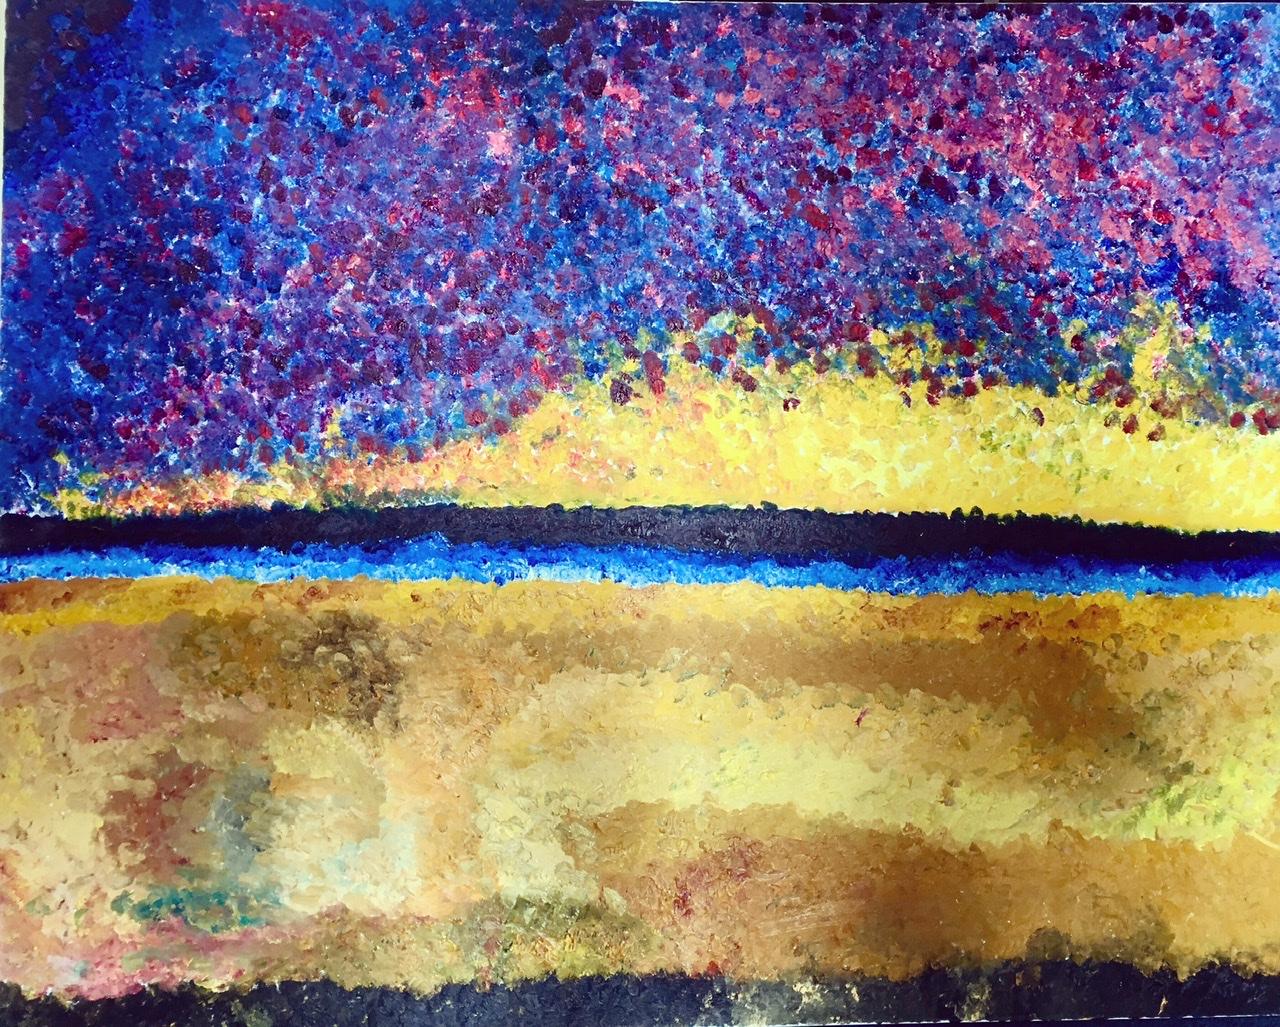 River Sunrise artwork by Freddo Doar - art listed for sale on Artplode